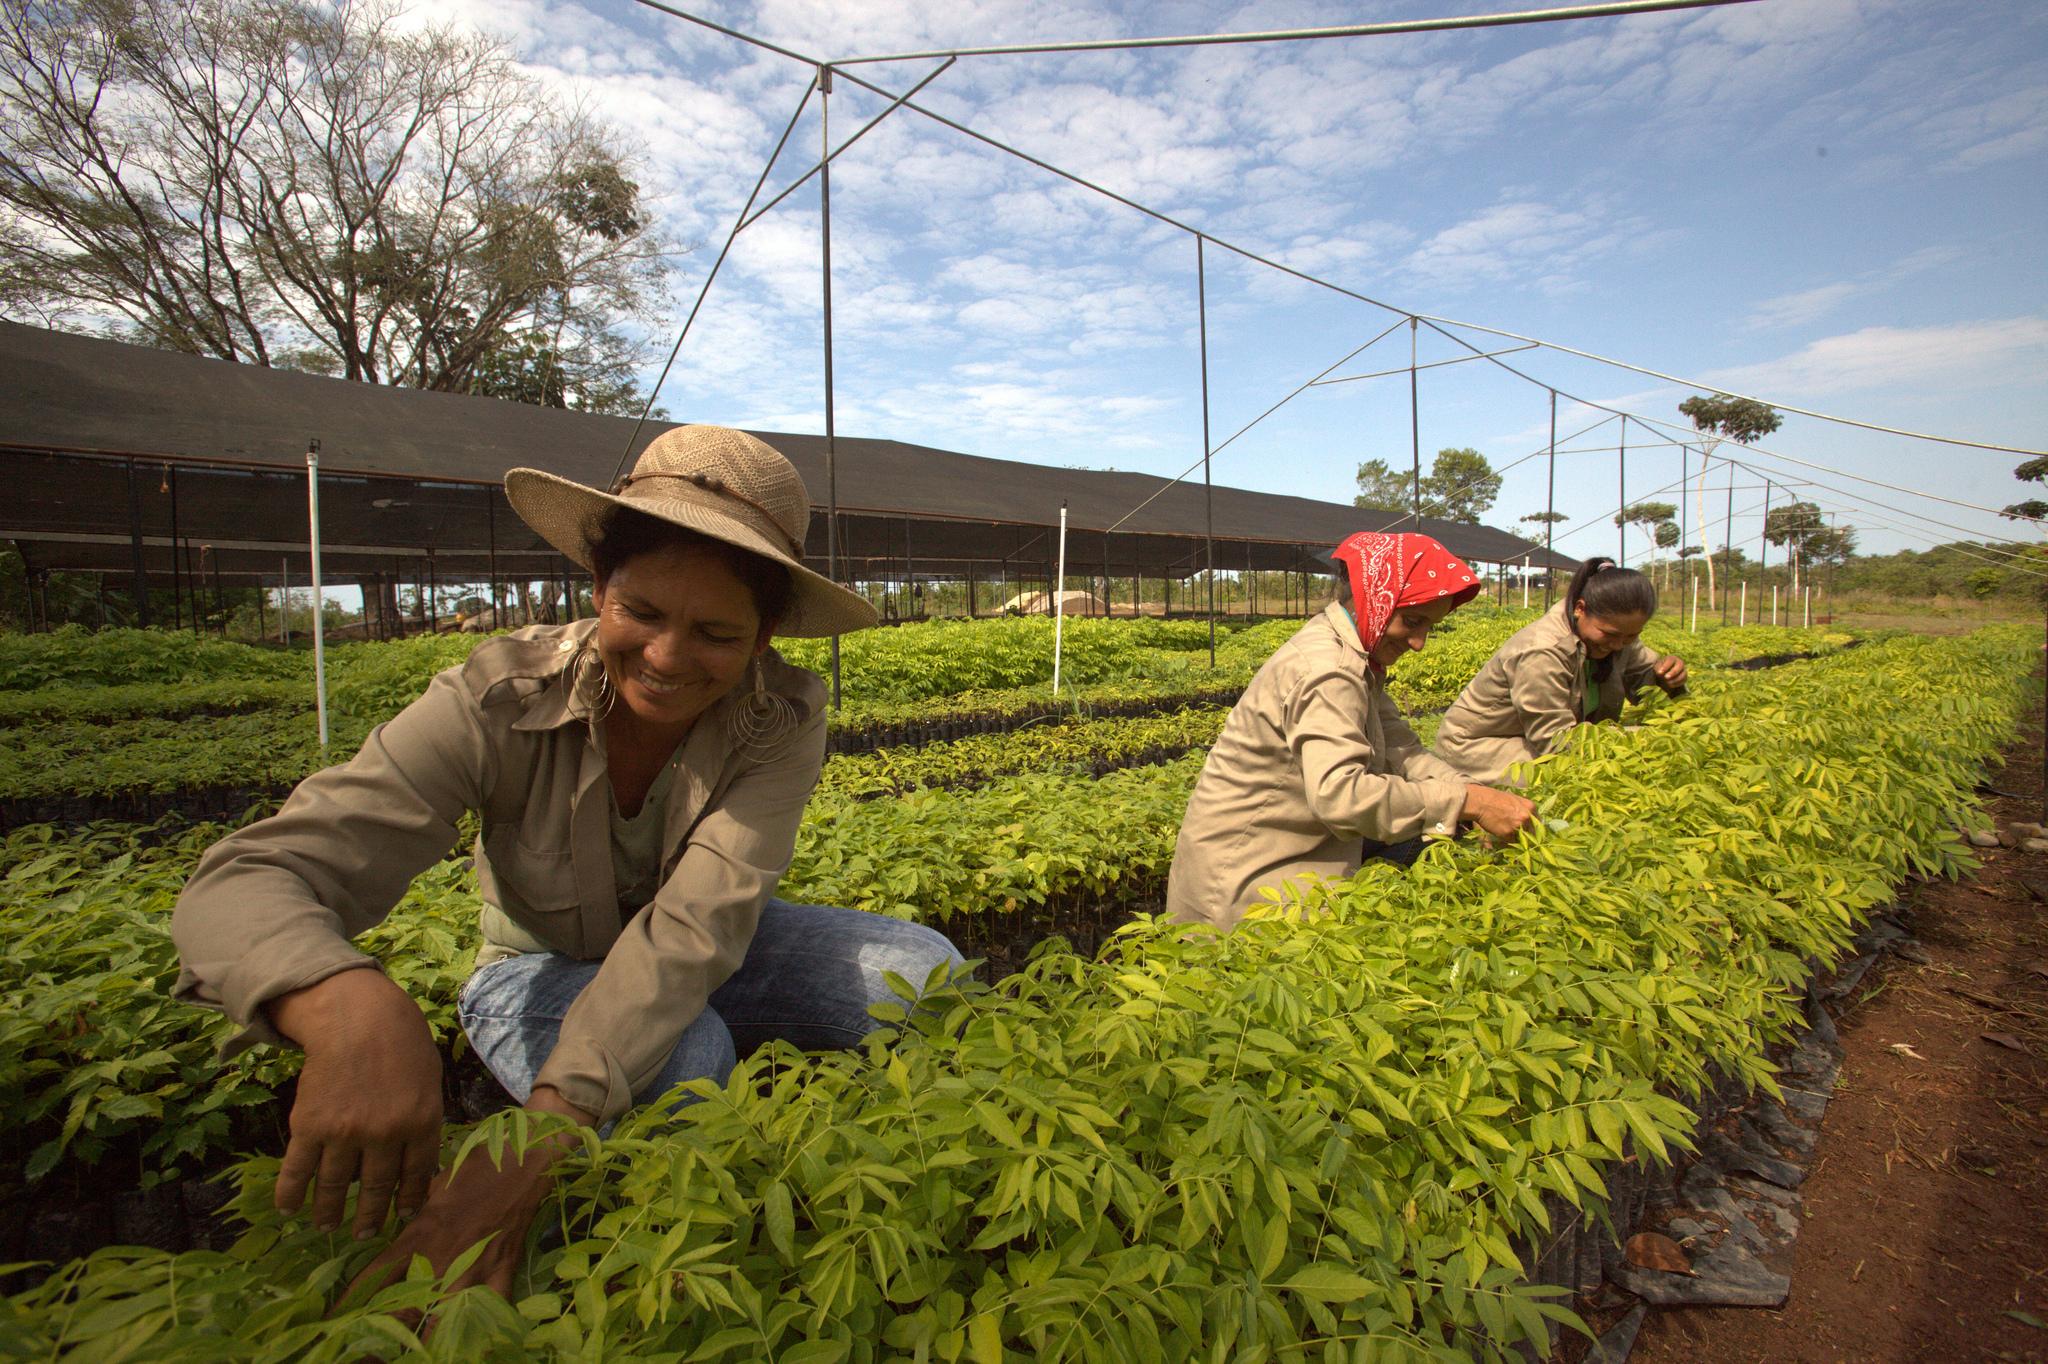 Unsere Mitarbeiterinnen der Baumschule Santa Cruz in Panama pflegen die kleinen Setzlinge. Foto: ForestFinance